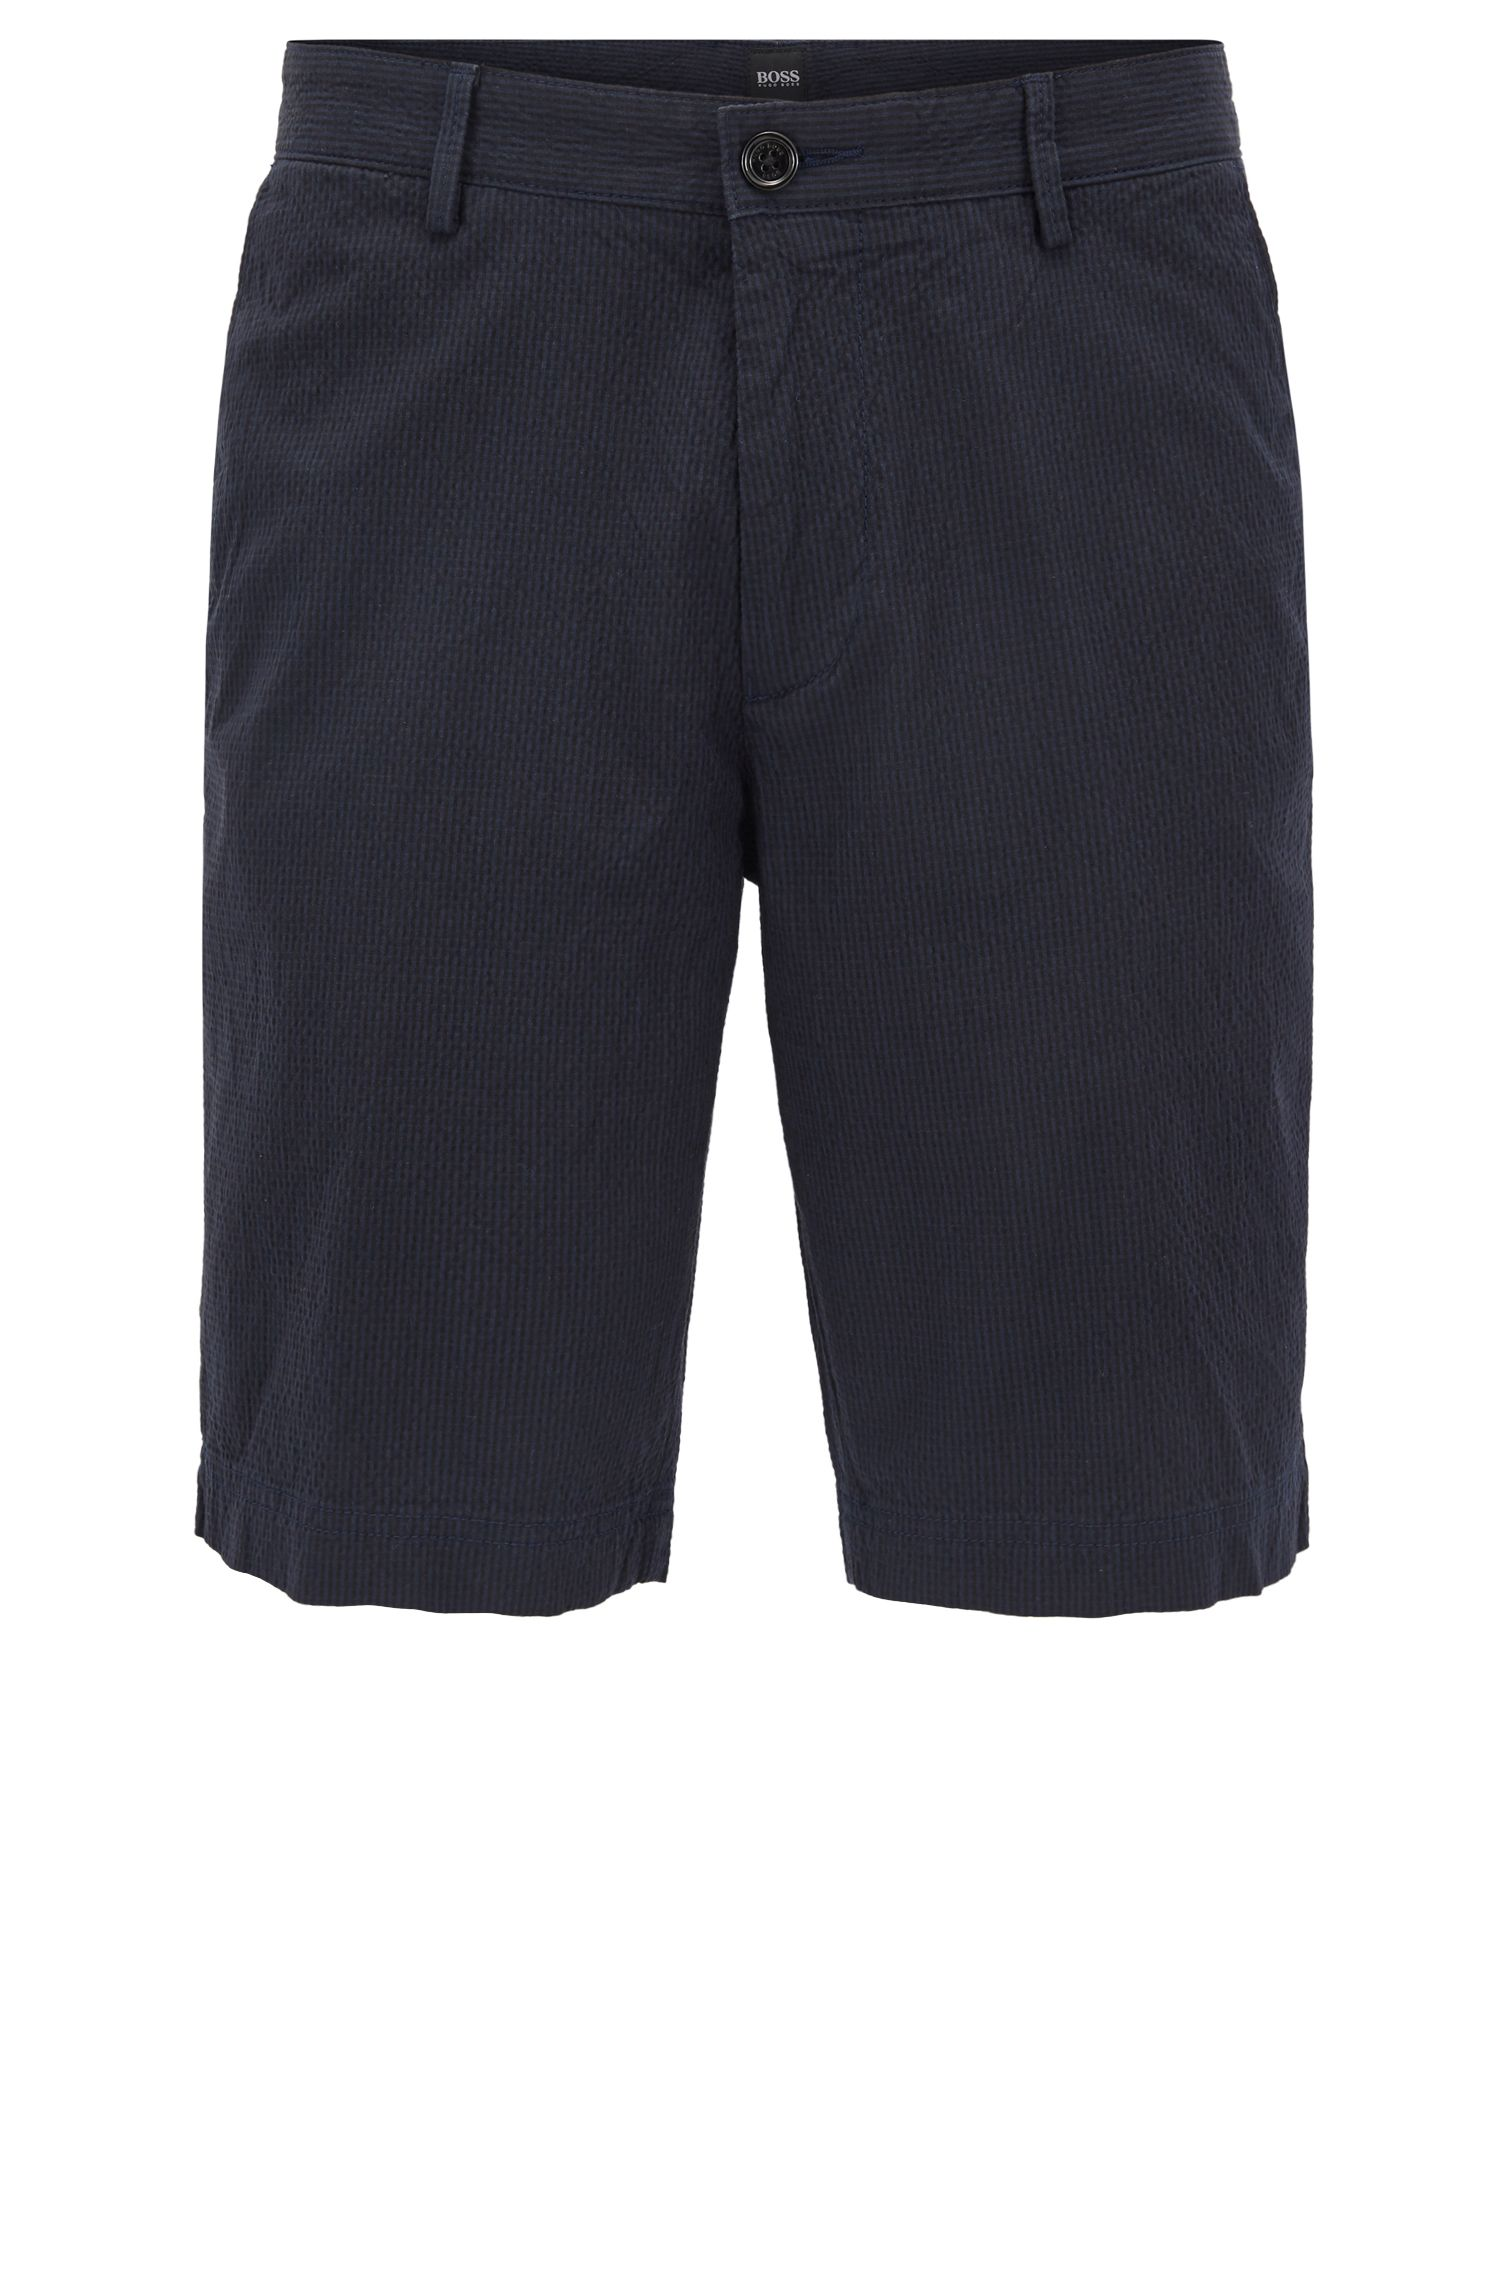 Short Regular Fit en coton stretch, à effet gaufré